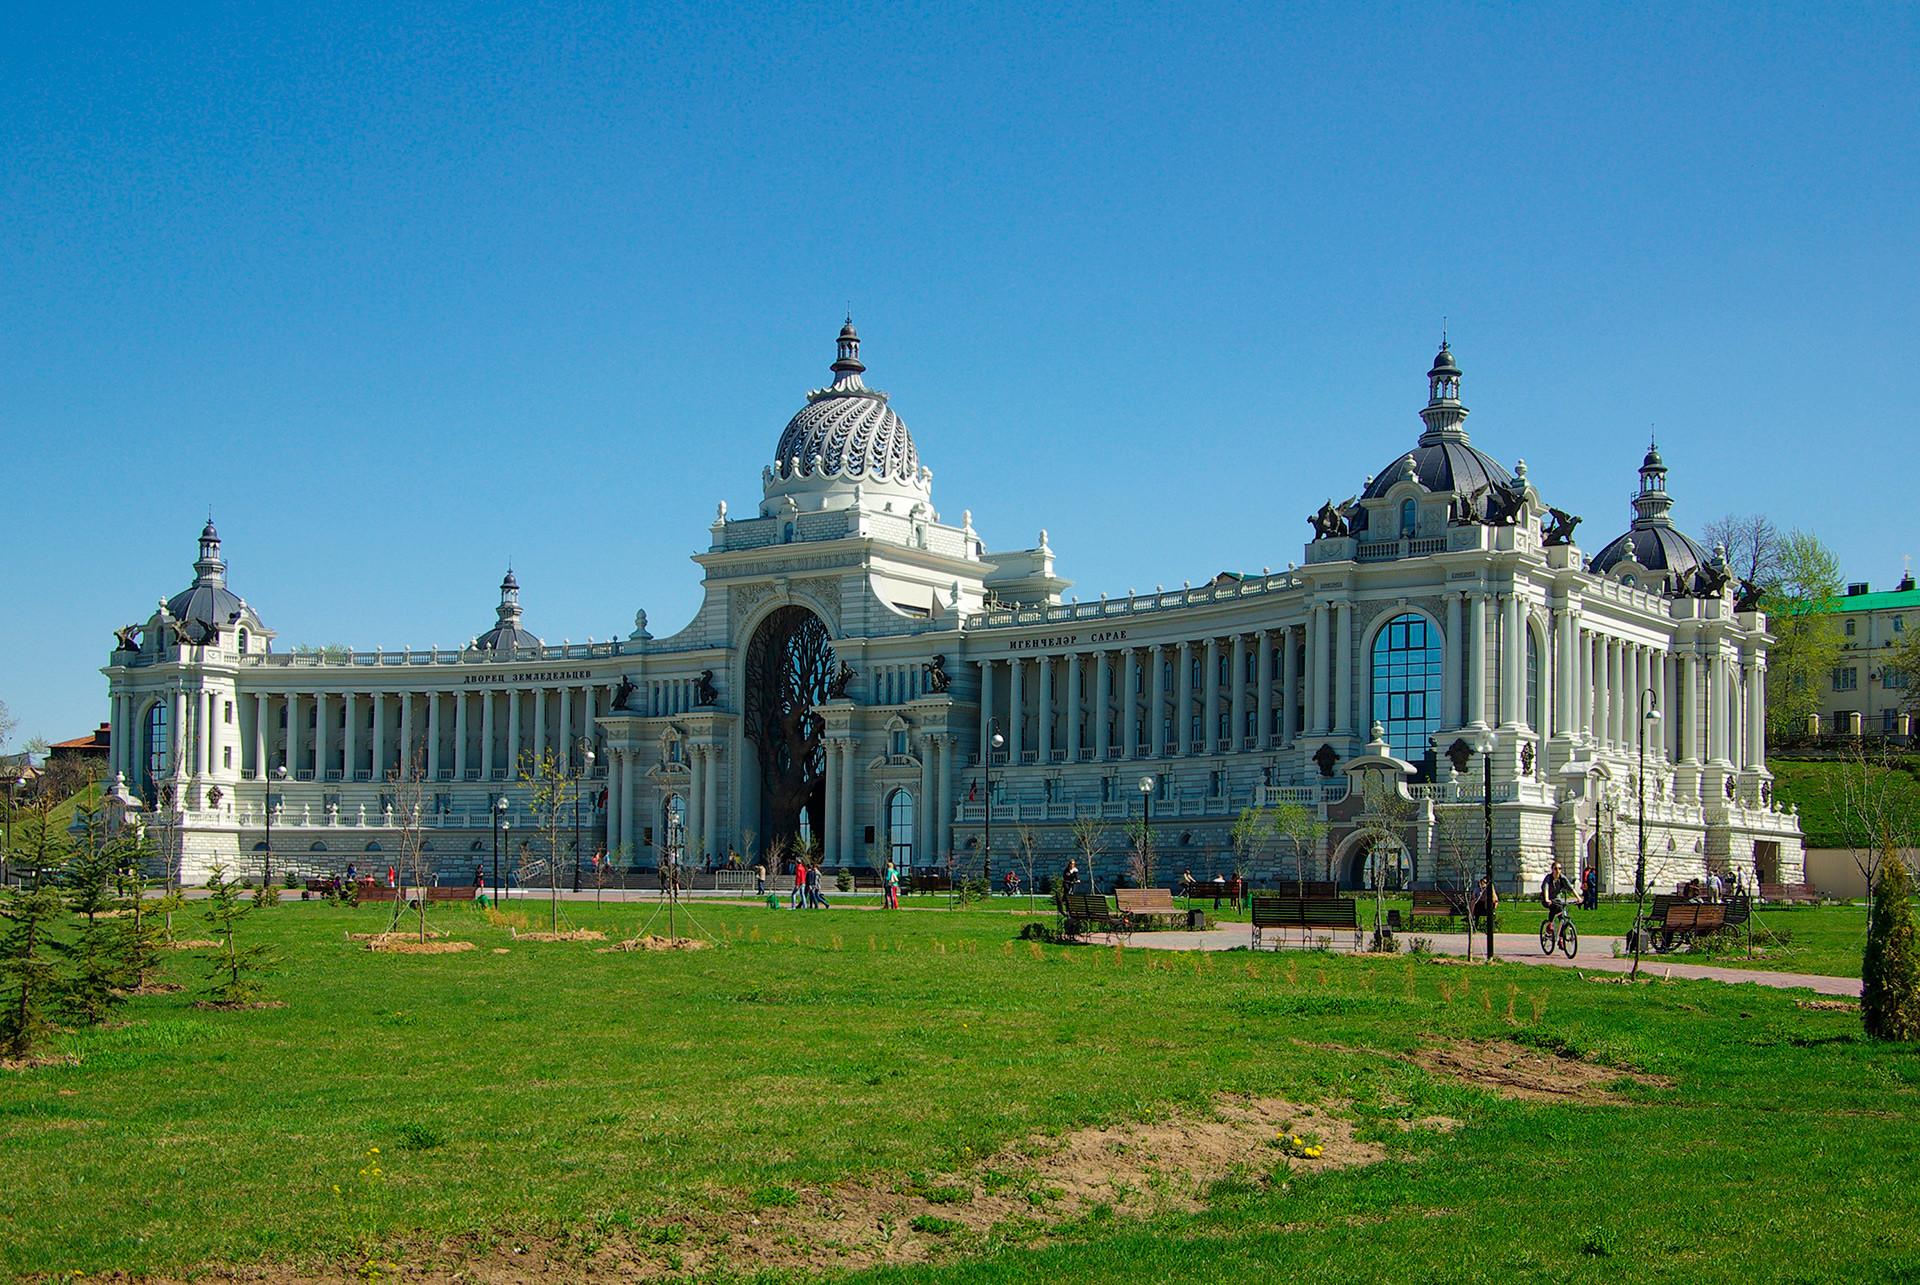 Palača poljedelcev, danes sedež Ministrstva za kmetijstvo Republike Tatarstan.